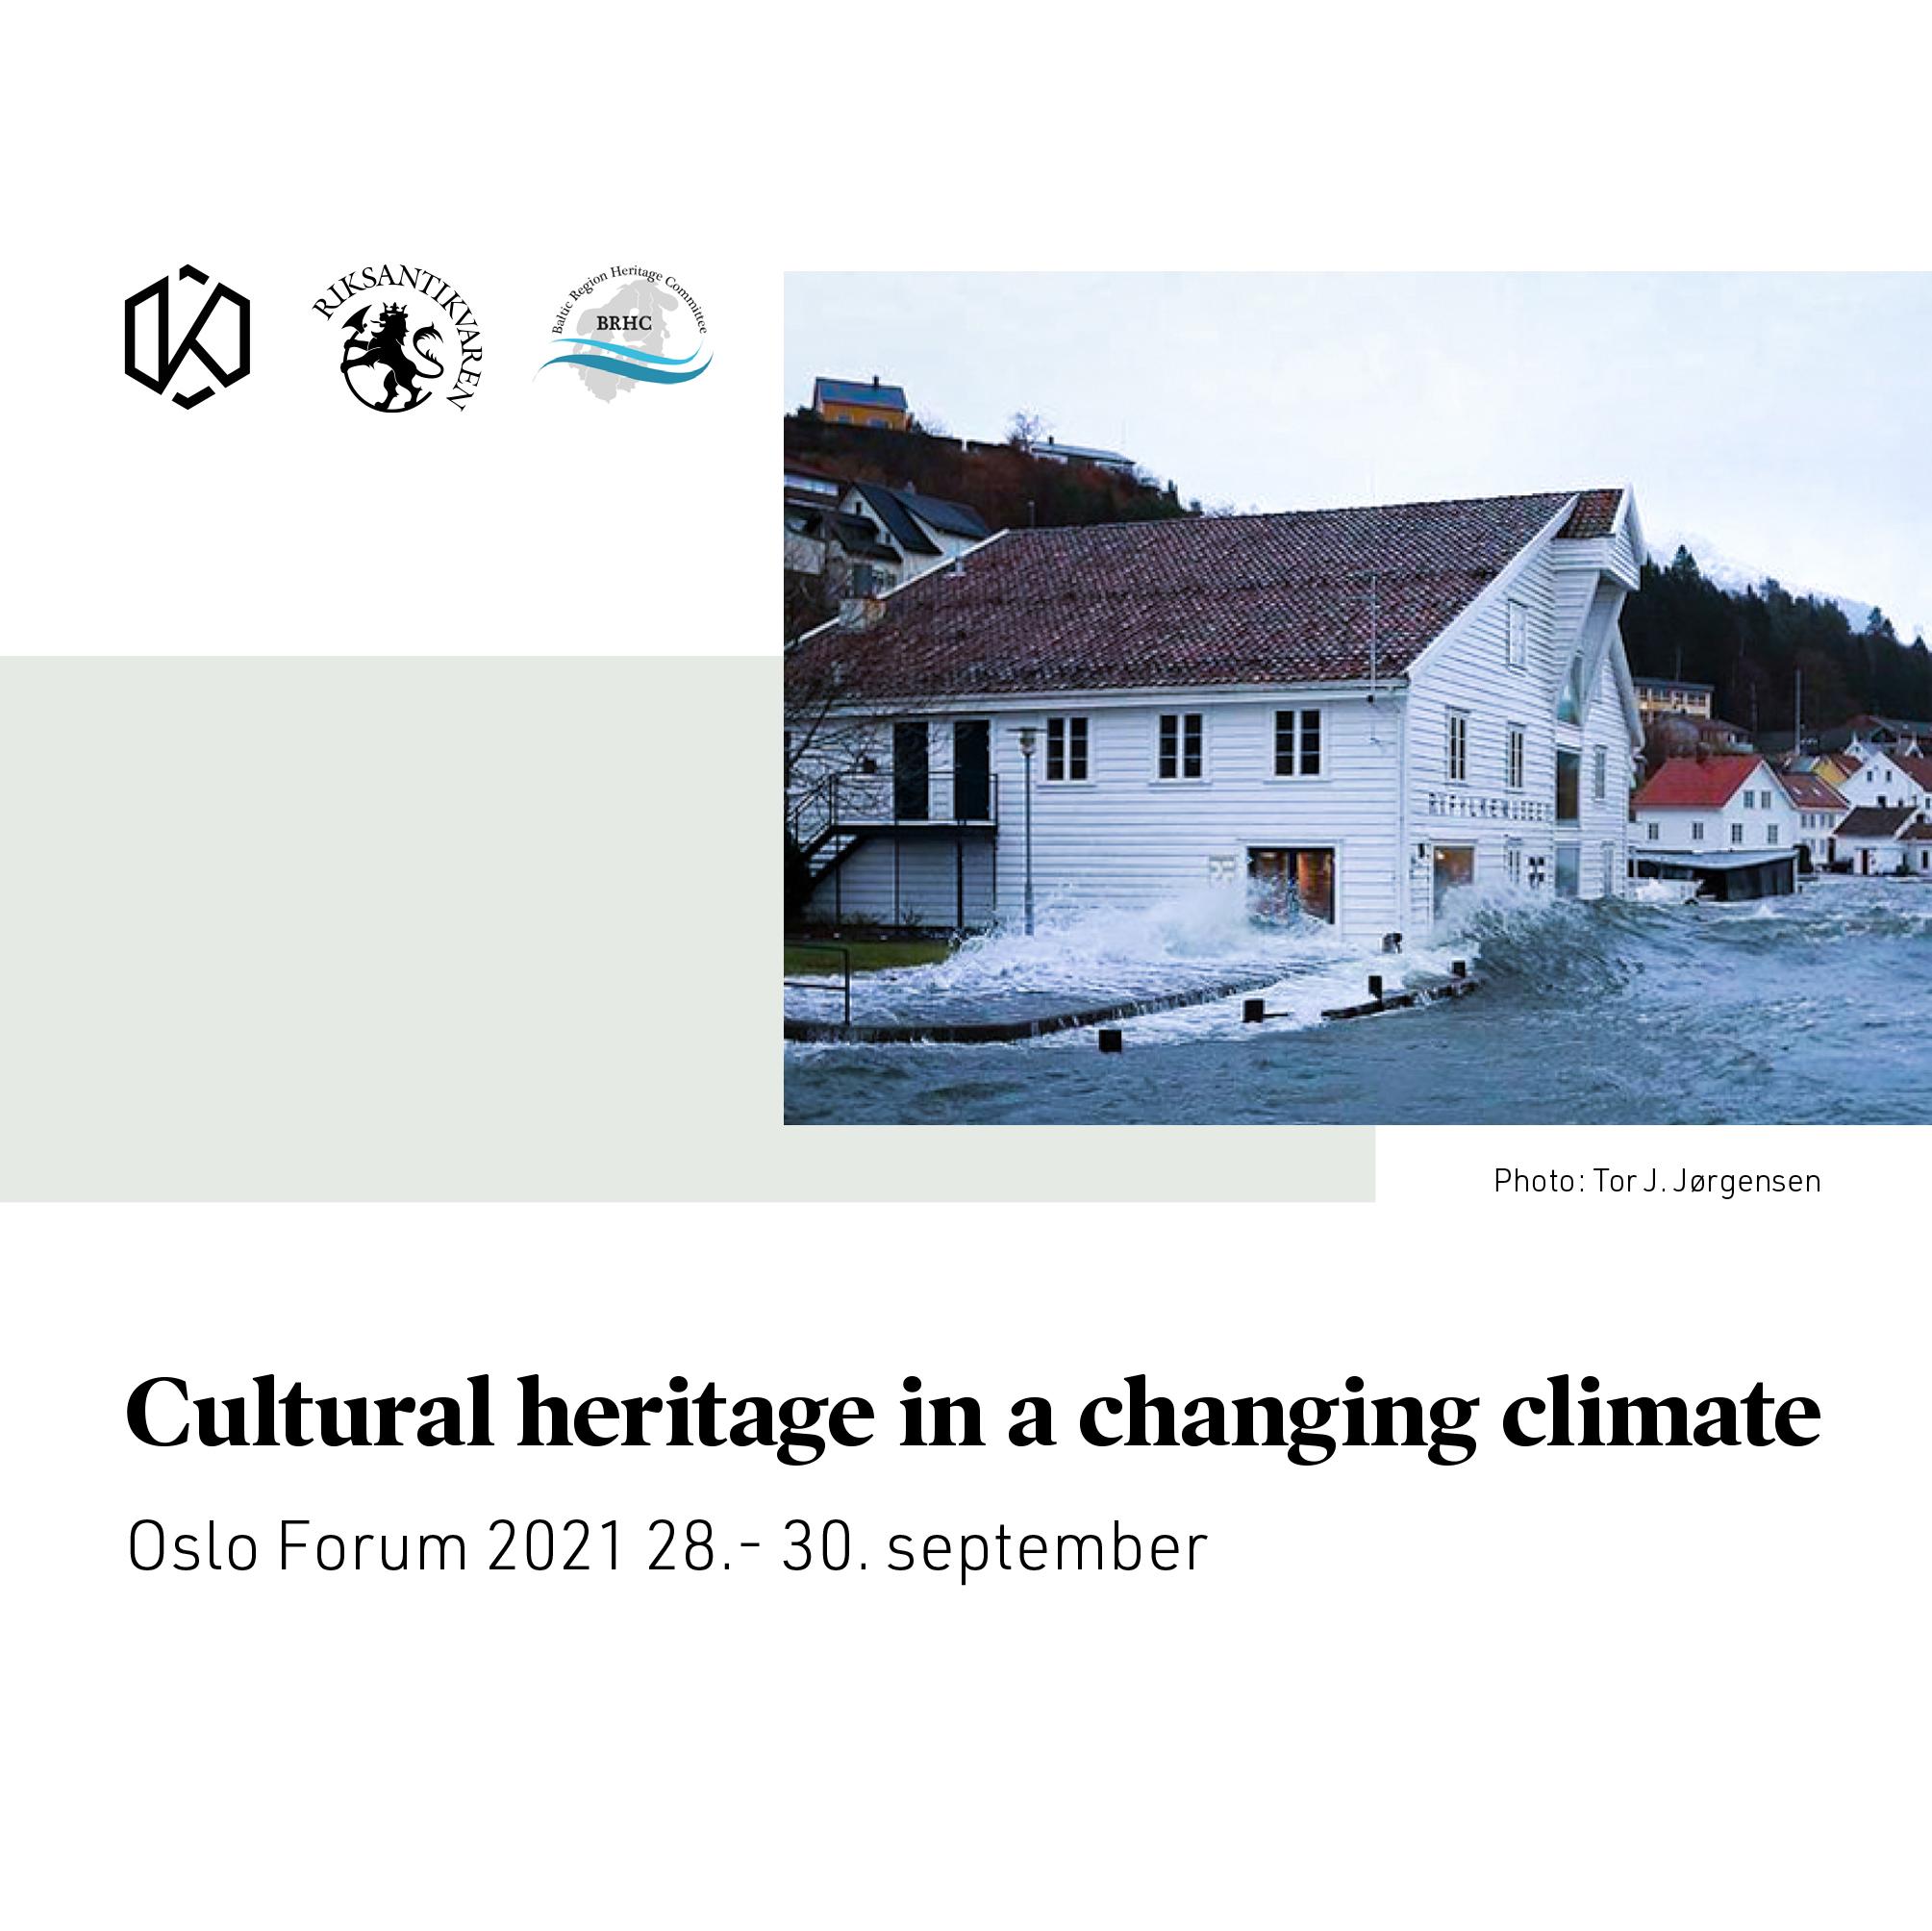 Dziedzictwo kulturowe a zmiany klimatu. Forum w Oslo 28-30 września 2021